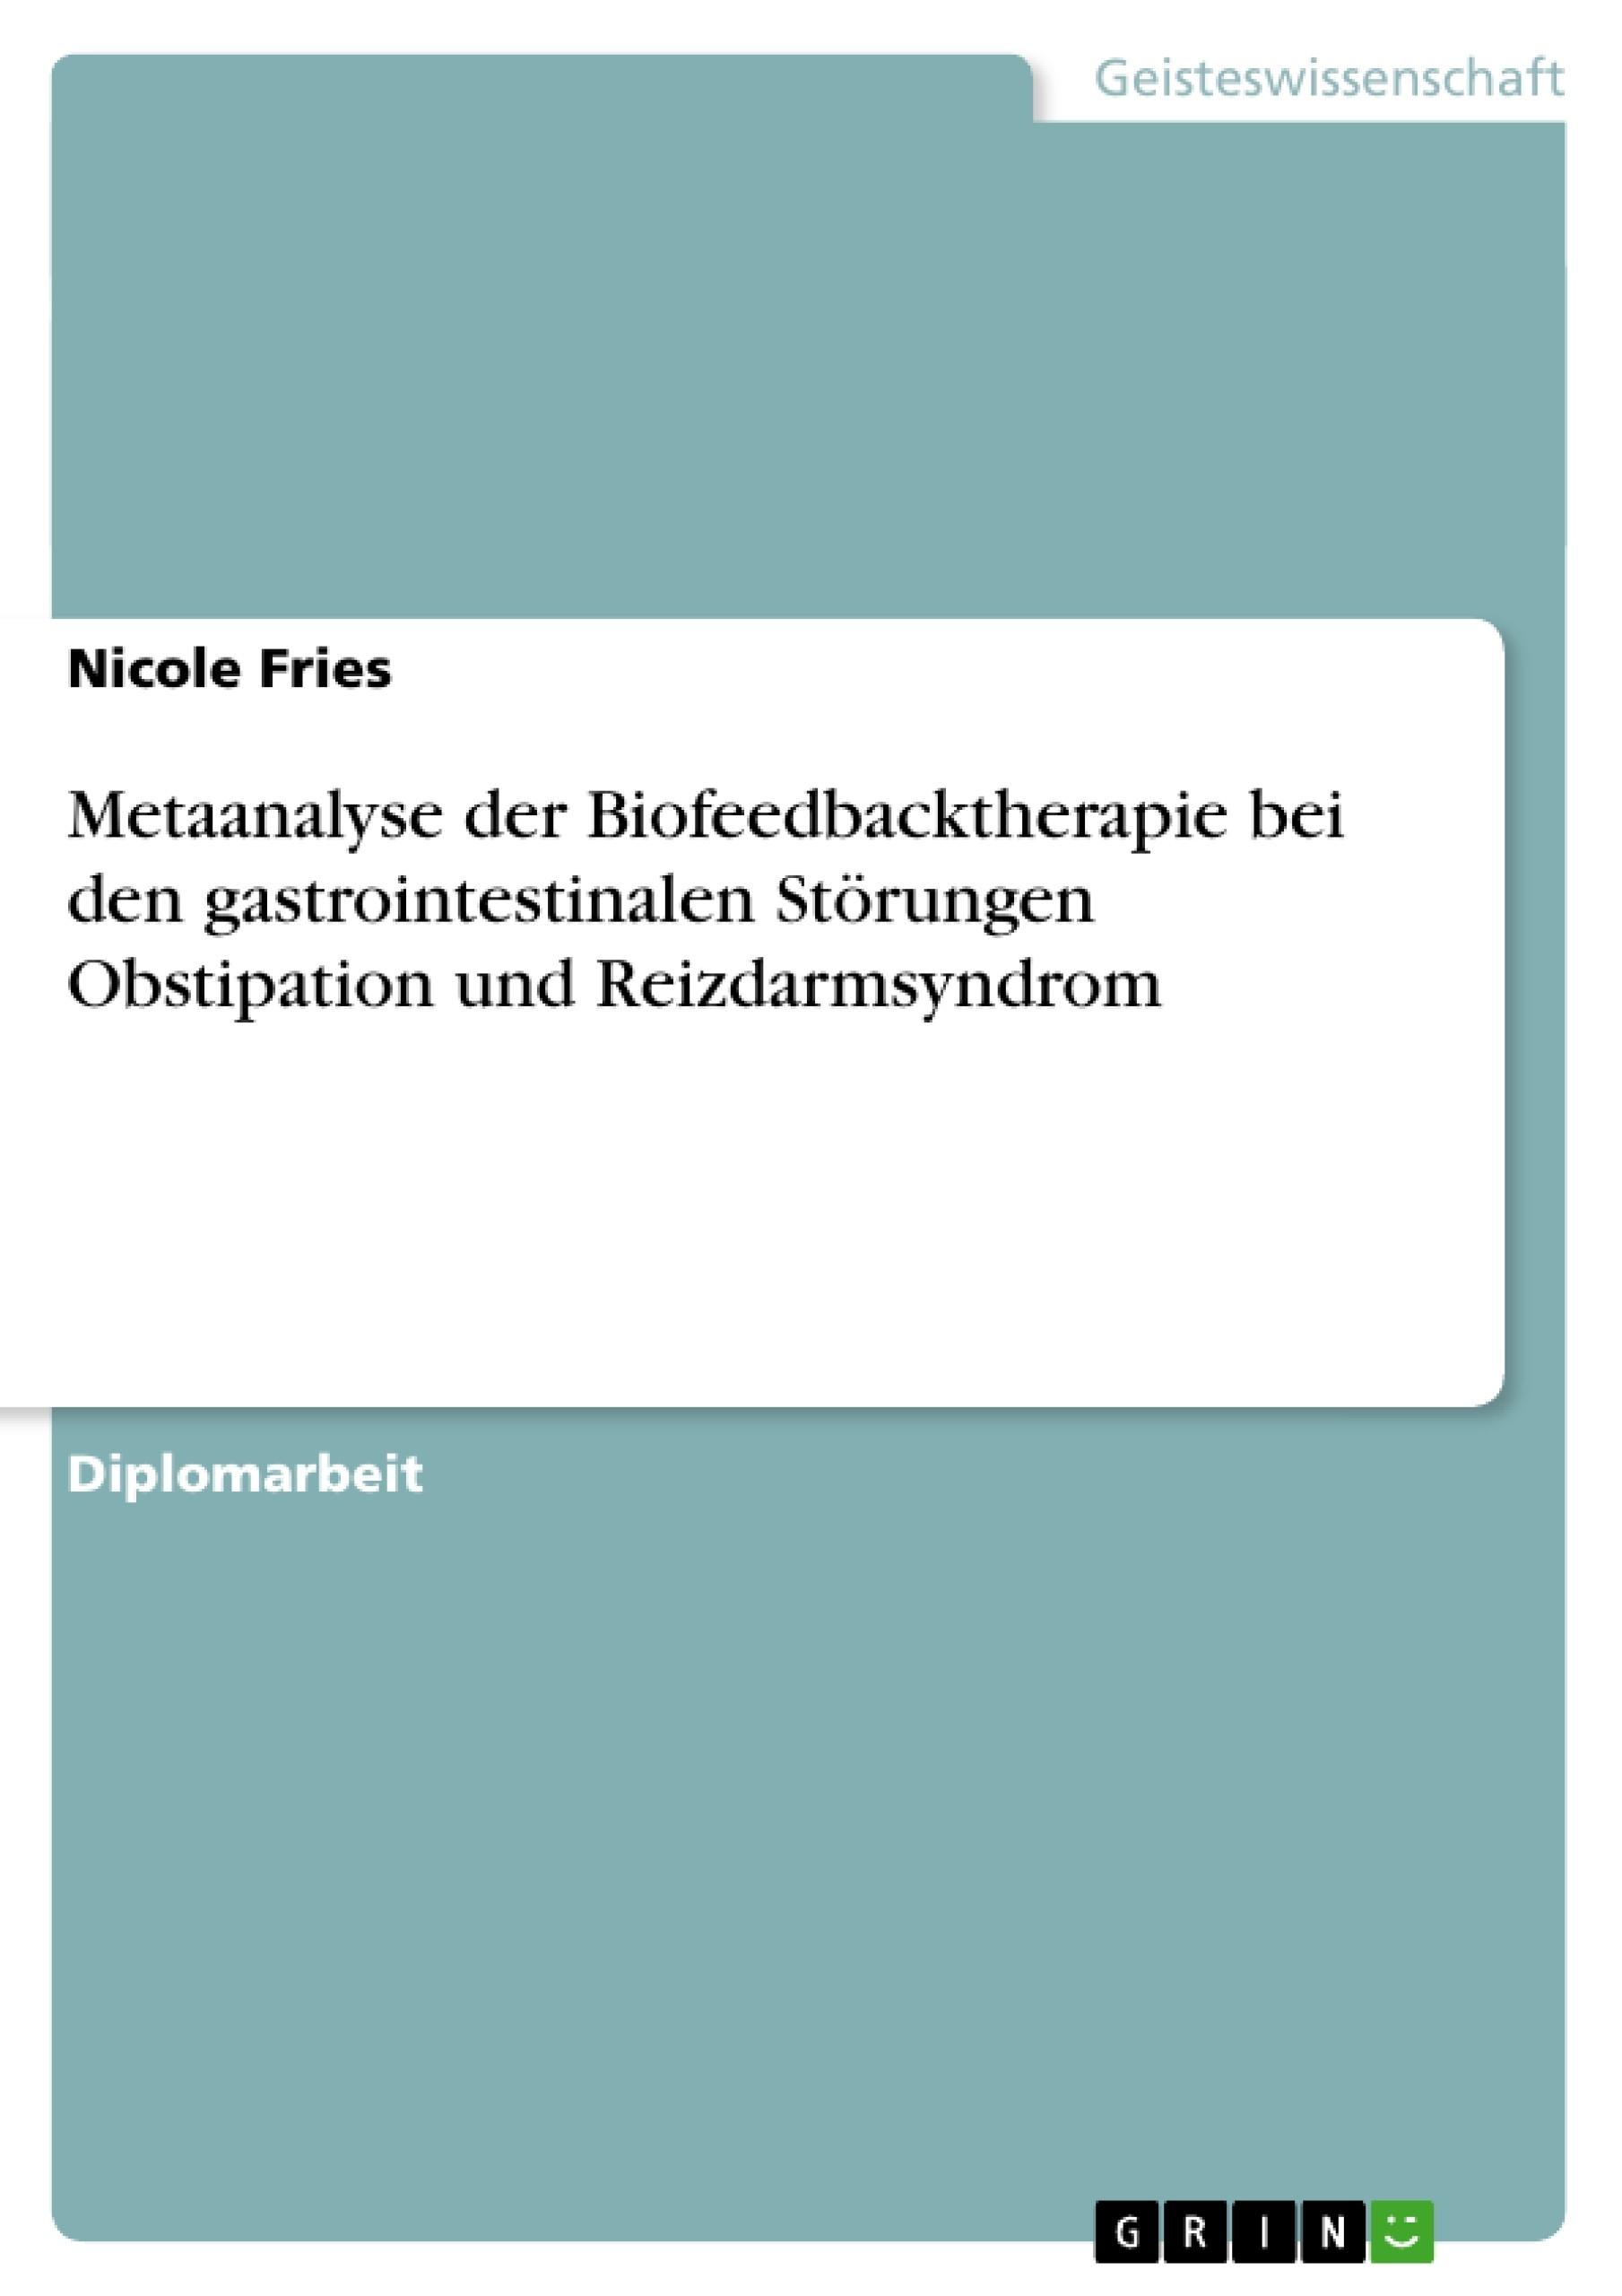 Titel: Metaanalyse der Biofeedbacktherapie bei den gastrointestinalen Störungen Obstipation und Reizdarmsyndrom